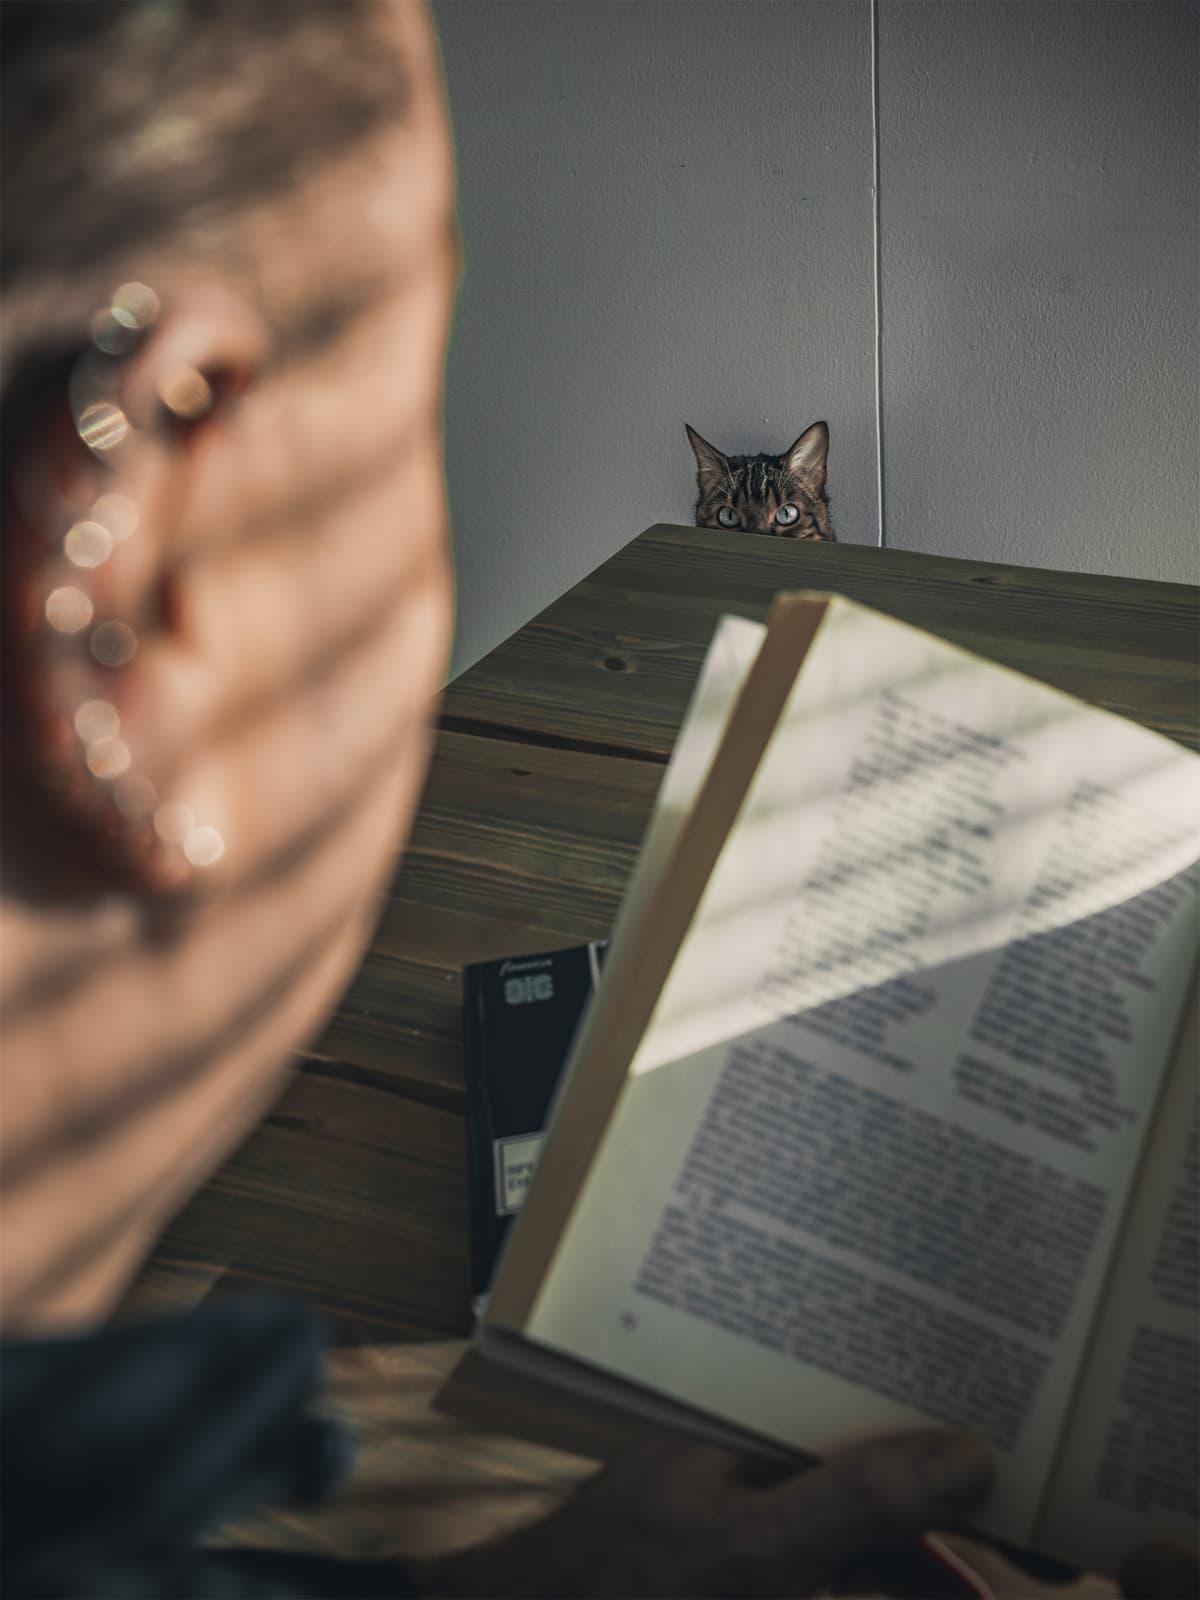 Kissa nimeltään Edith Veikkolainen katsoo kun Marcello Ganassini lukee kirjaa.